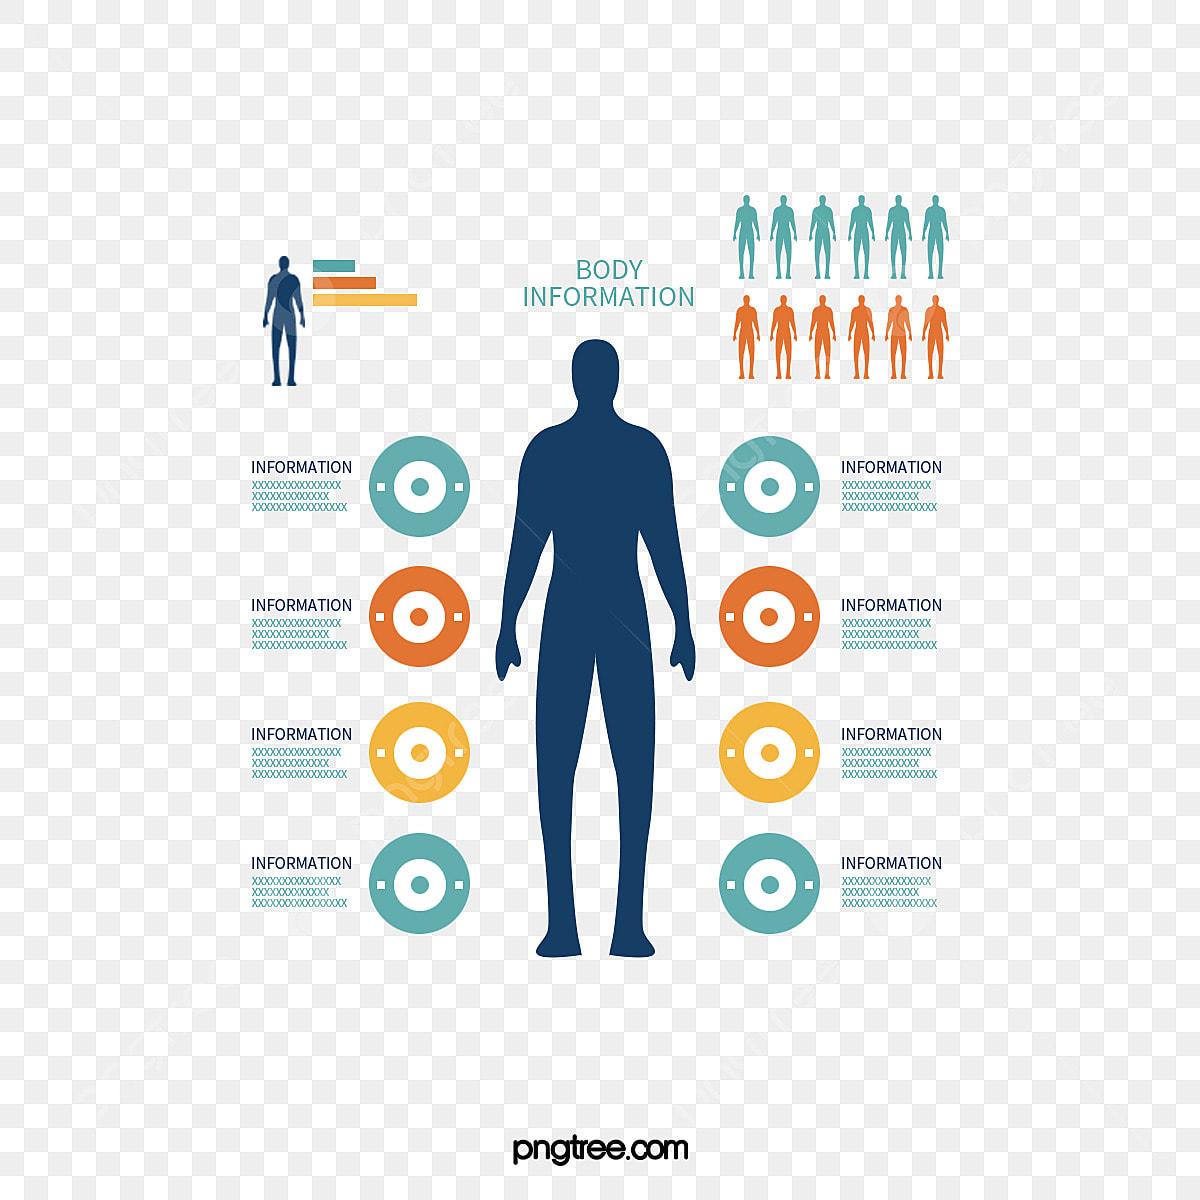 Analysis Of Patterns Of Human Vector, Human Pattern Analysis